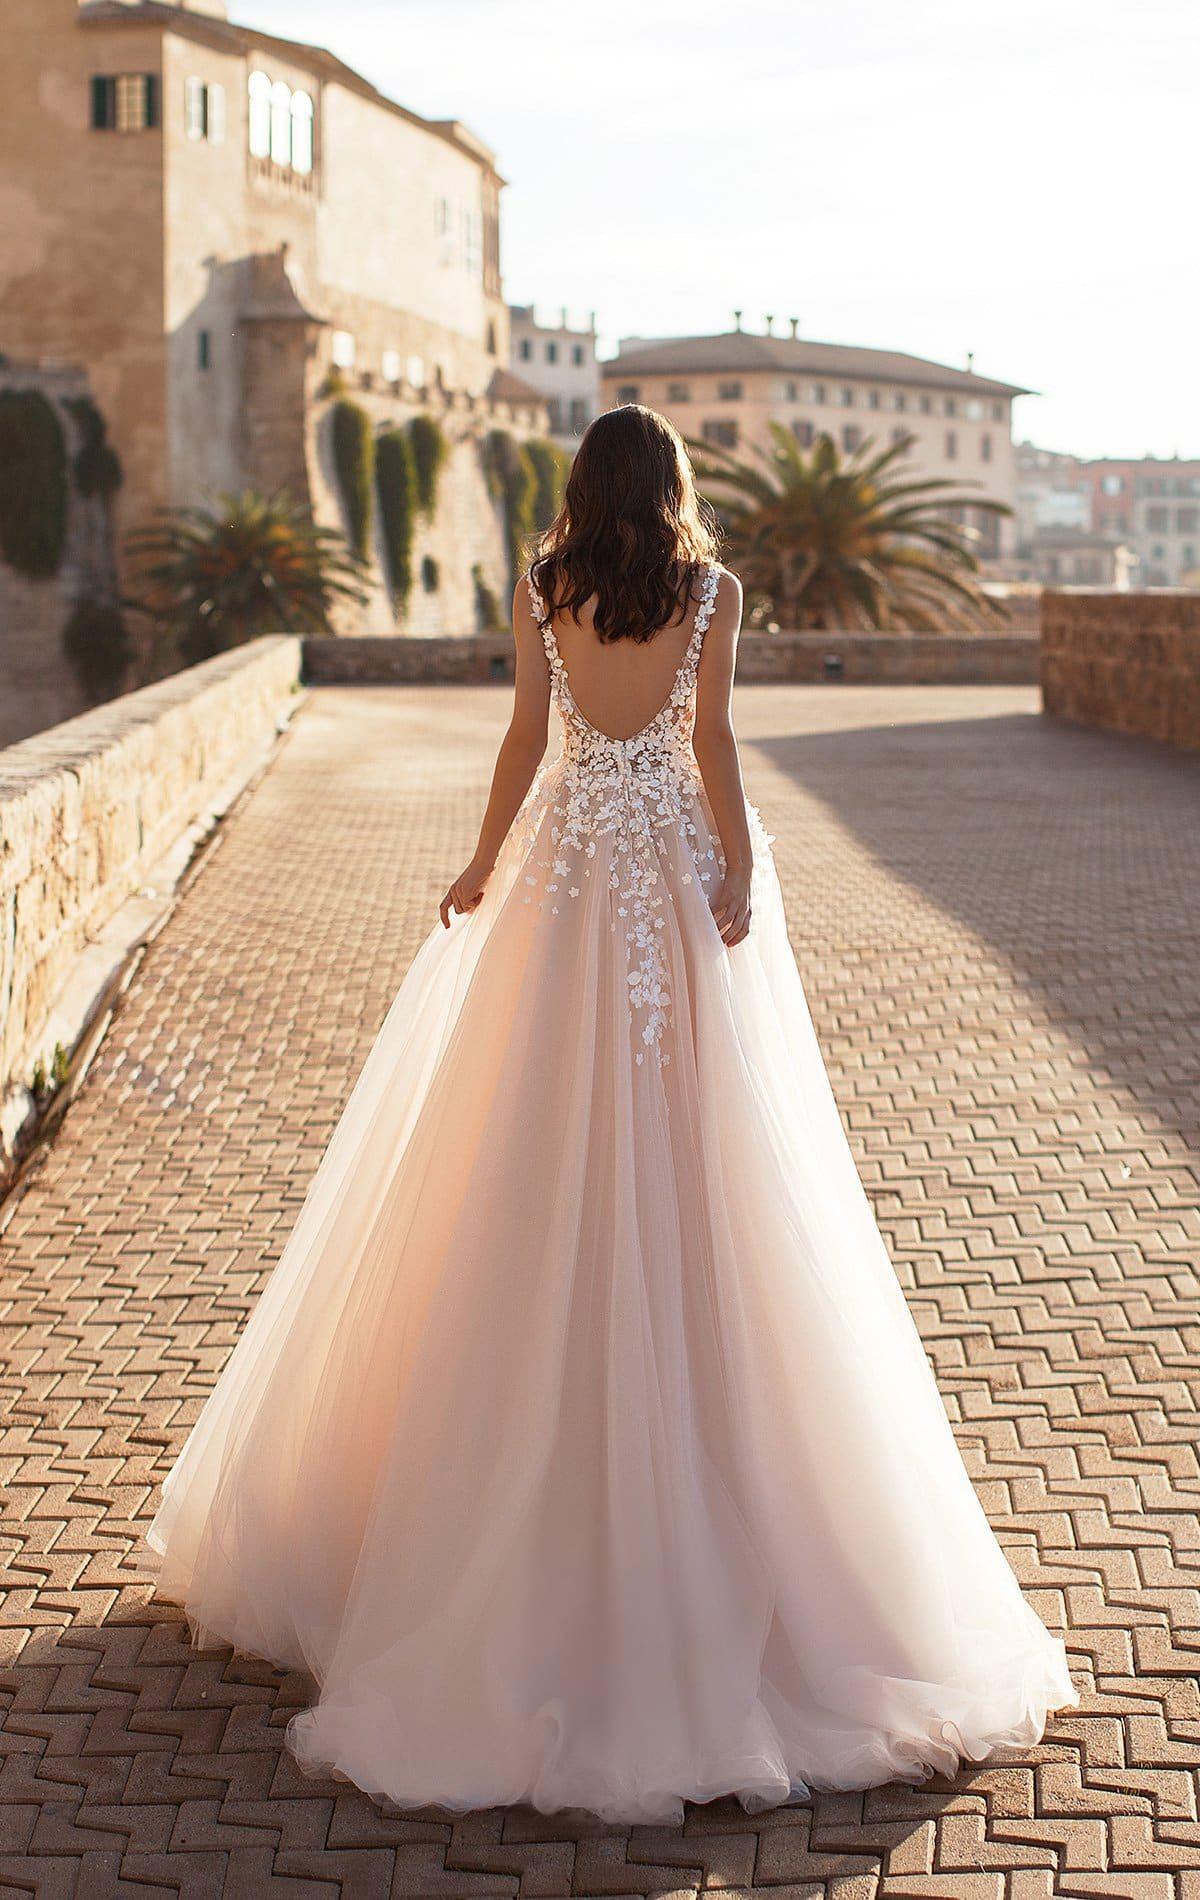 Пудровое свадебное платье с многослойной юбкой и открытой спиной.